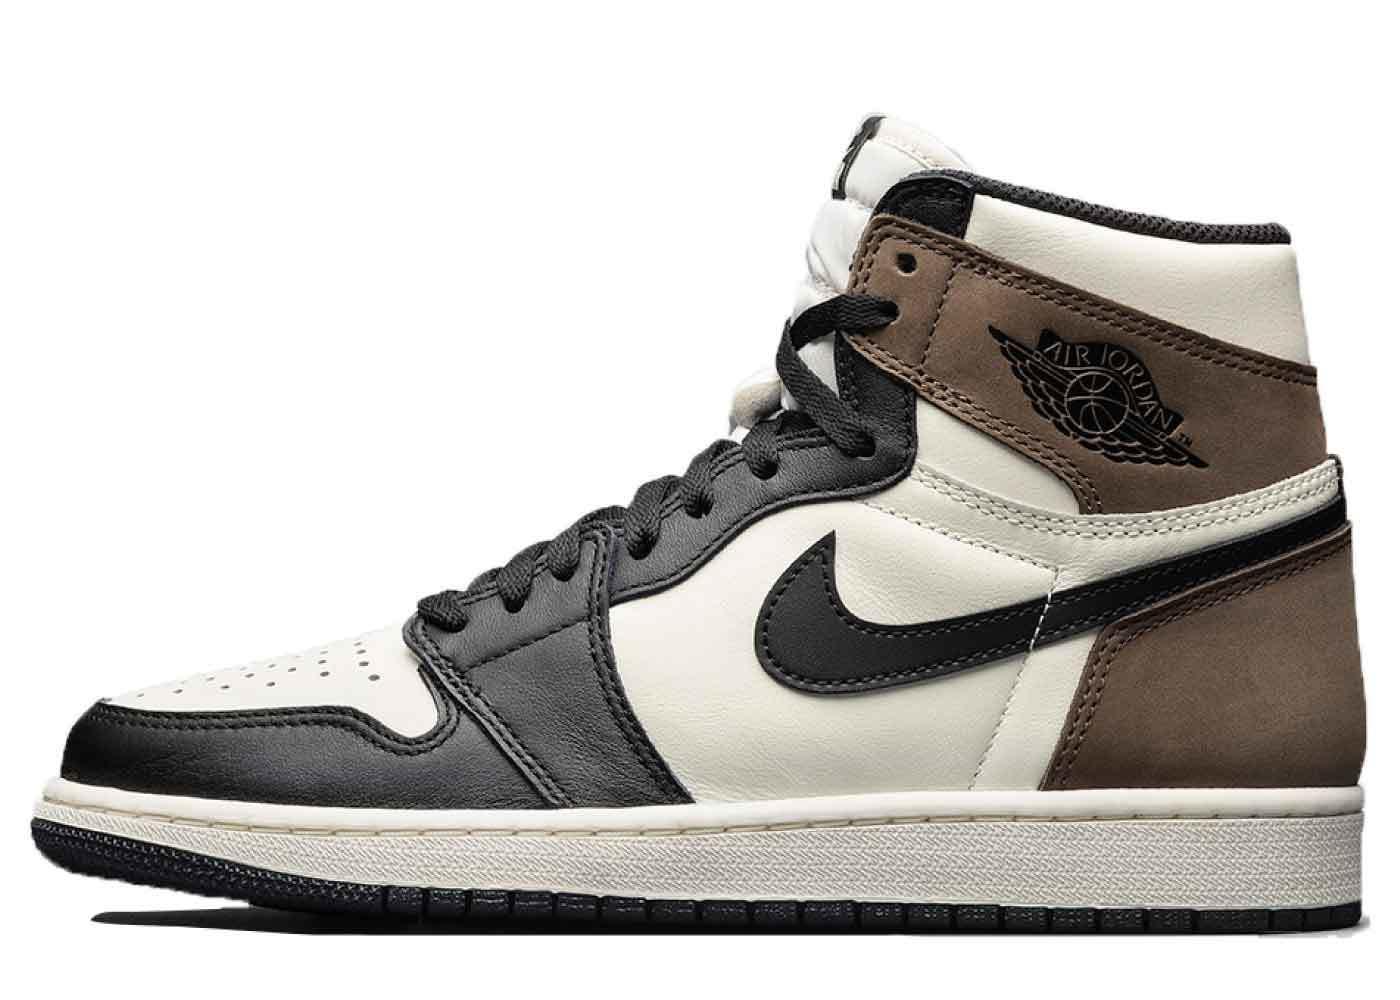 Nike Air Jordan 1 Retro High OG Dark Mochaの写真